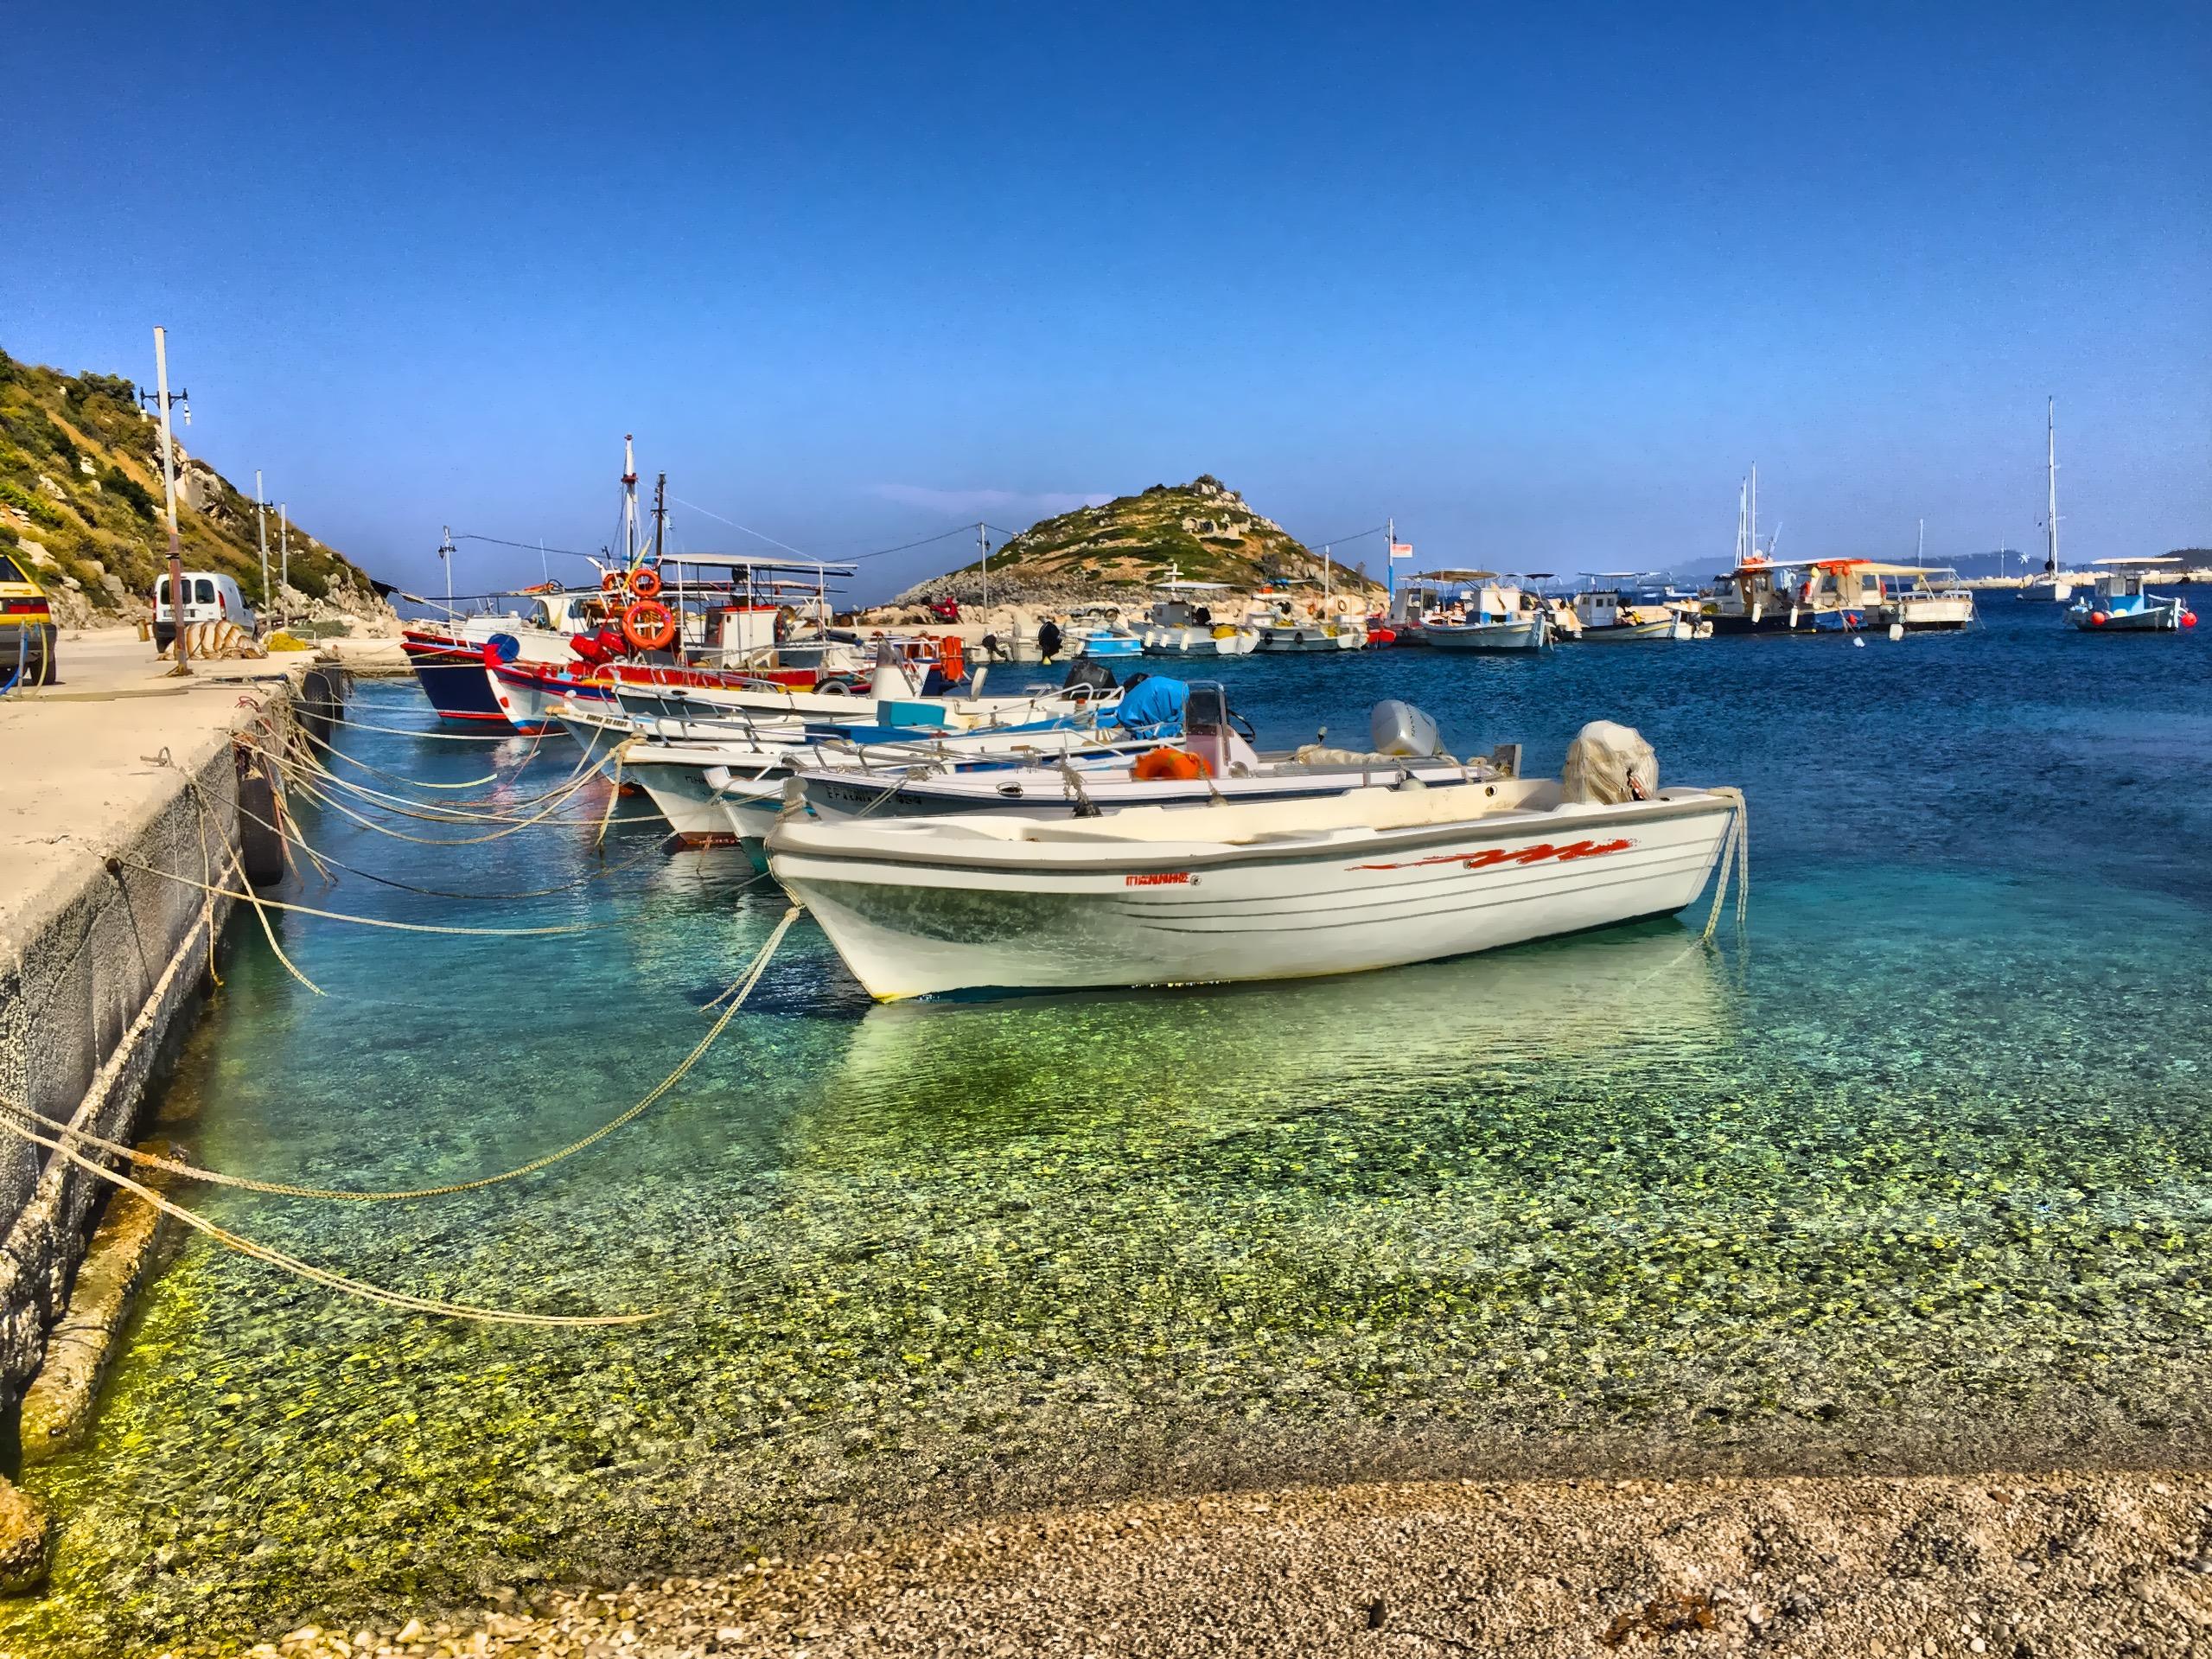 agiosboats